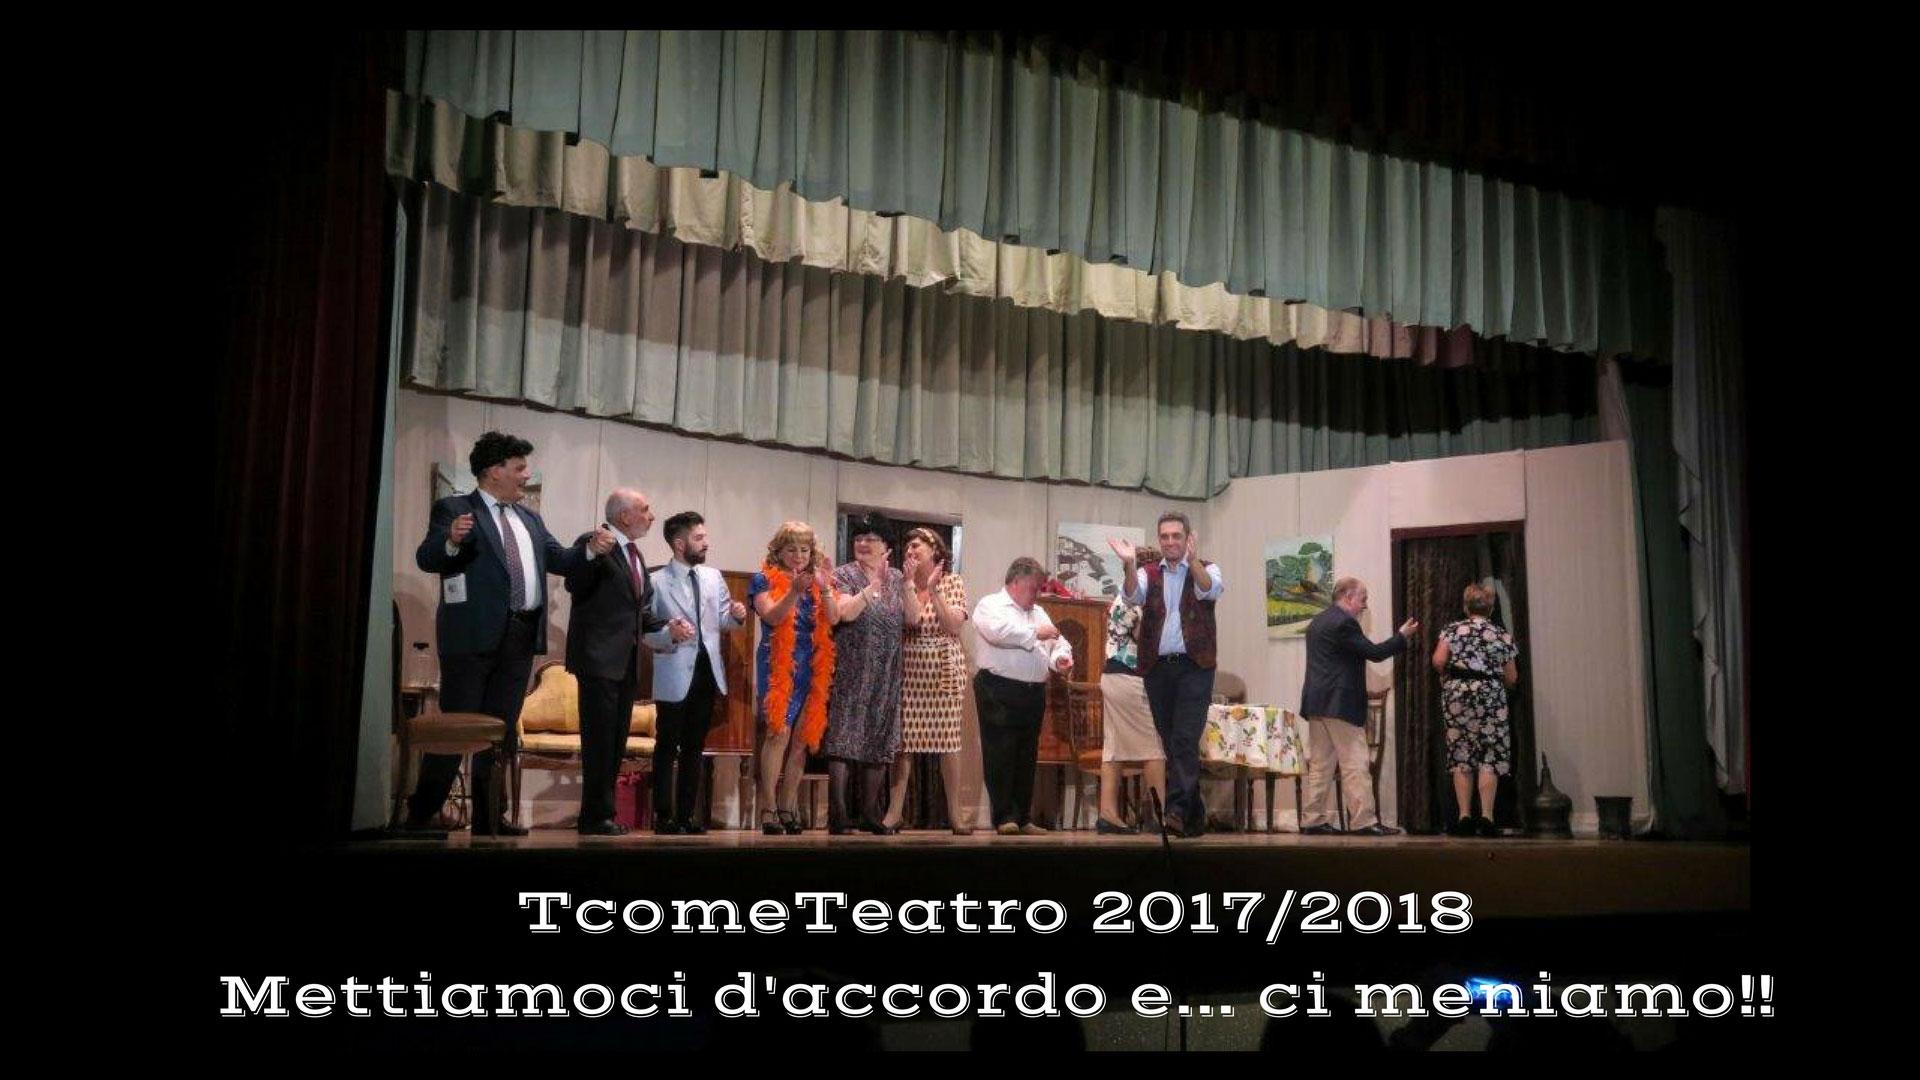 03470_coverTcomeTeatro_2017_2018